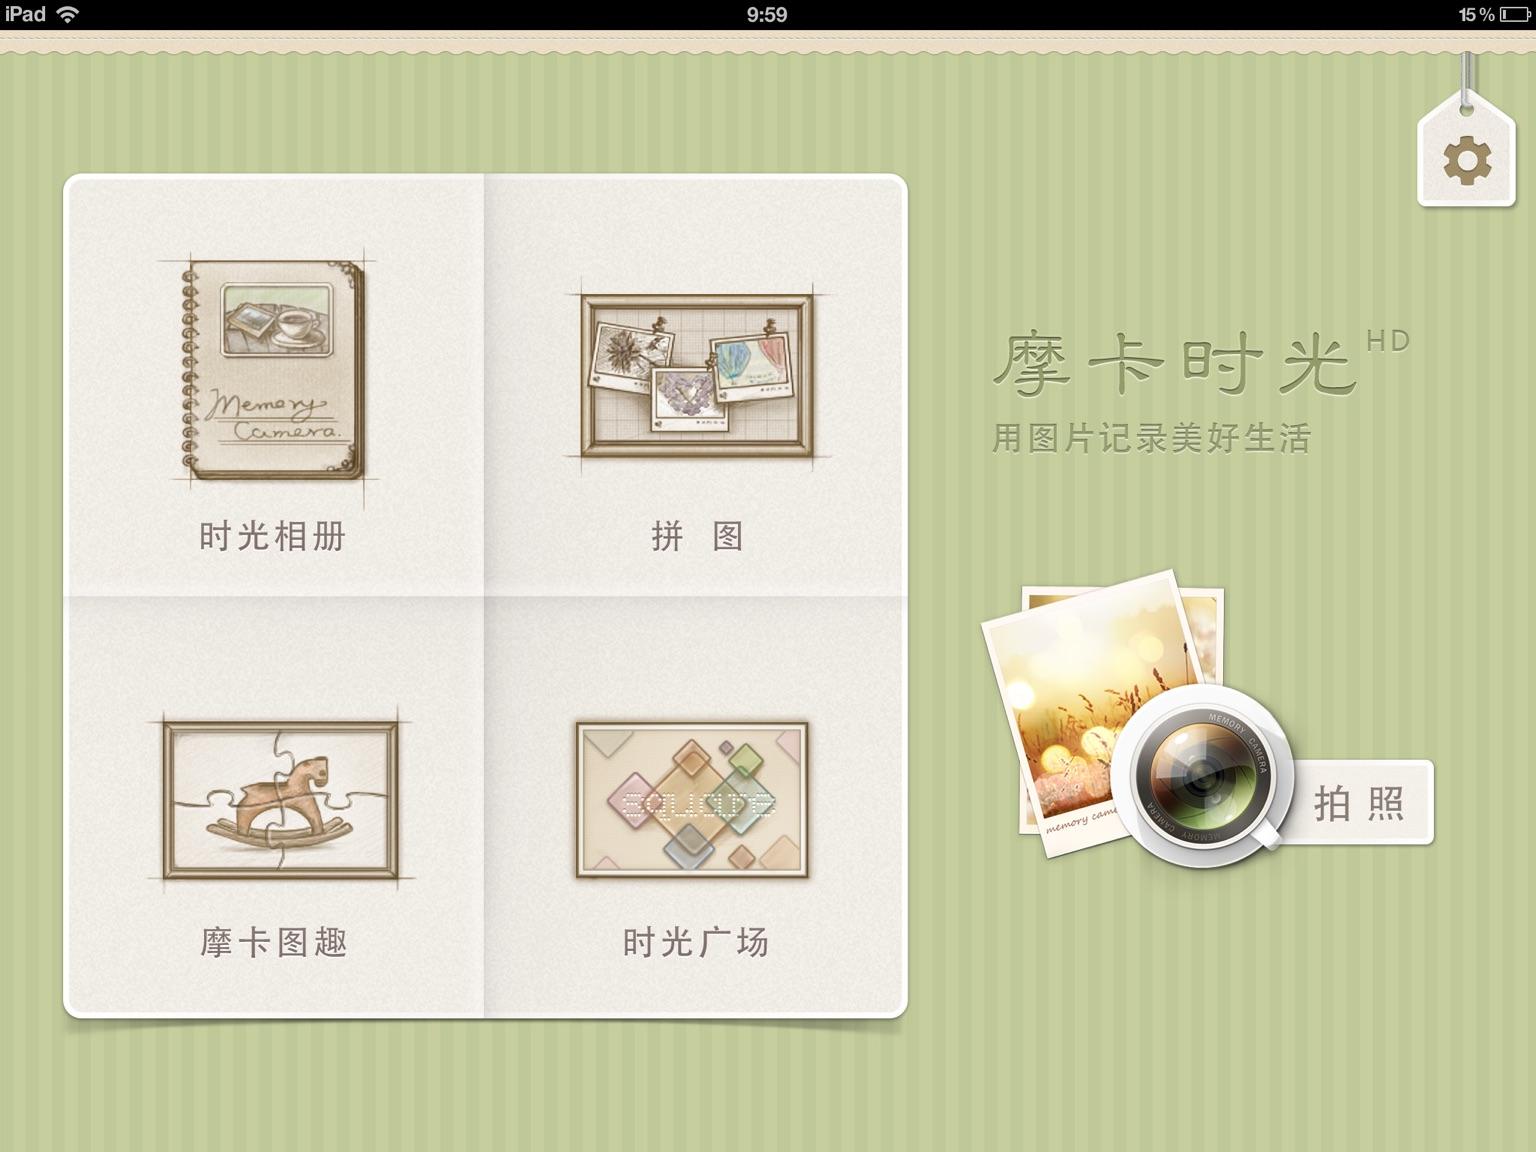 摩卡时光HD免费版 Screenshot